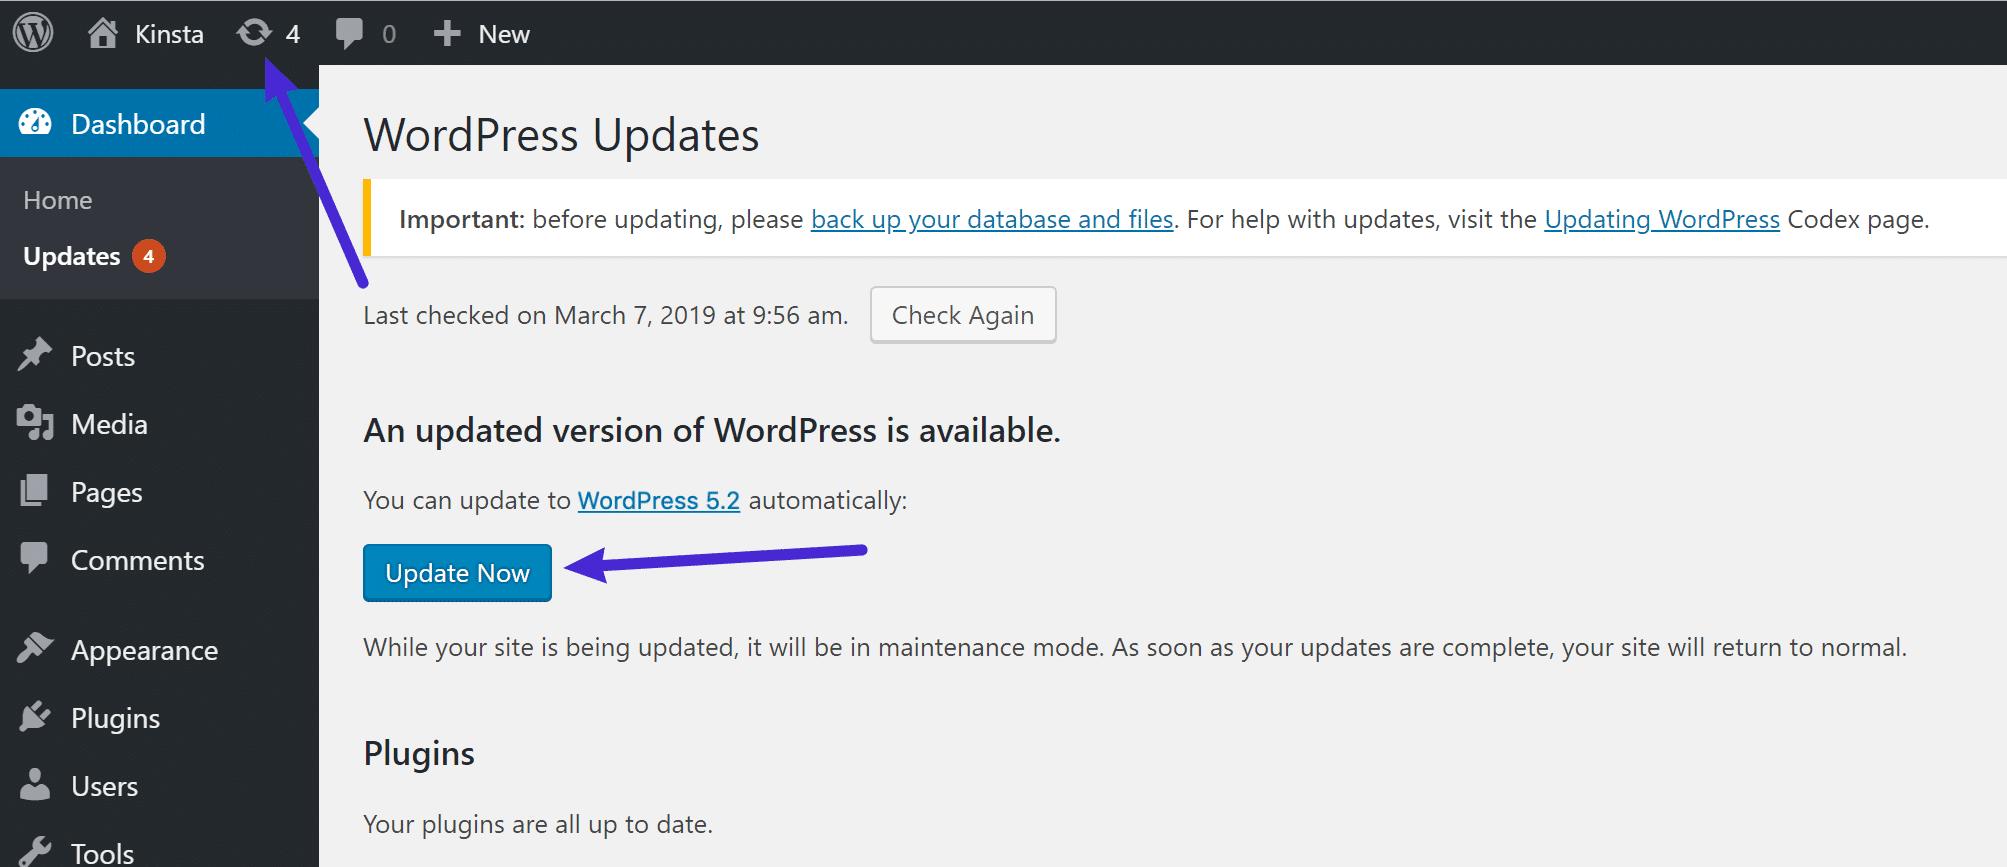 ダッシュボードを使用してWordPress 5.2にアップデートする